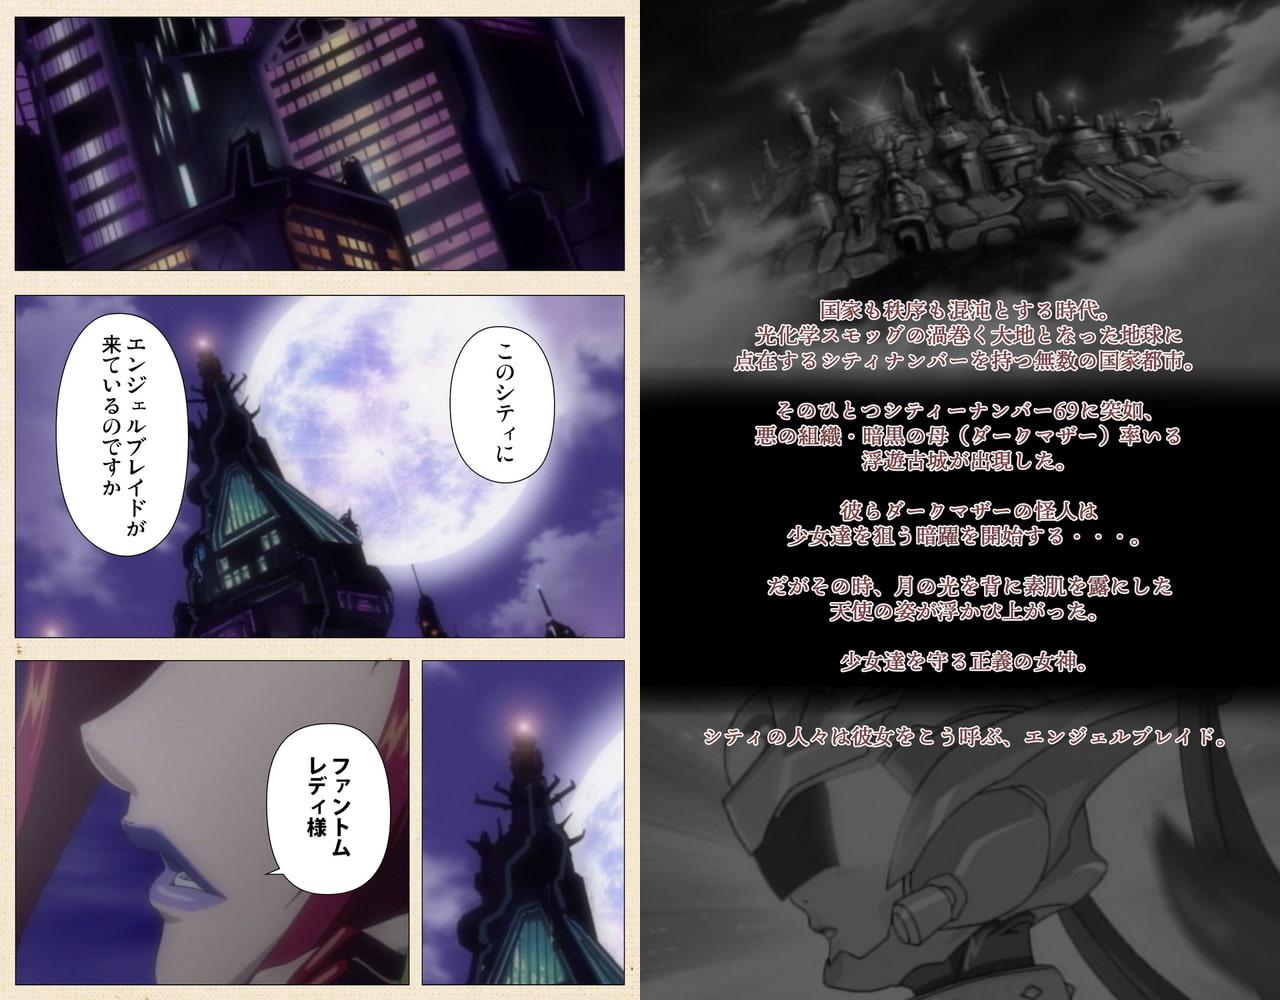 エンジェルブレイドパニッシュ! Vol.2 Complete版【フルカラー成人版】